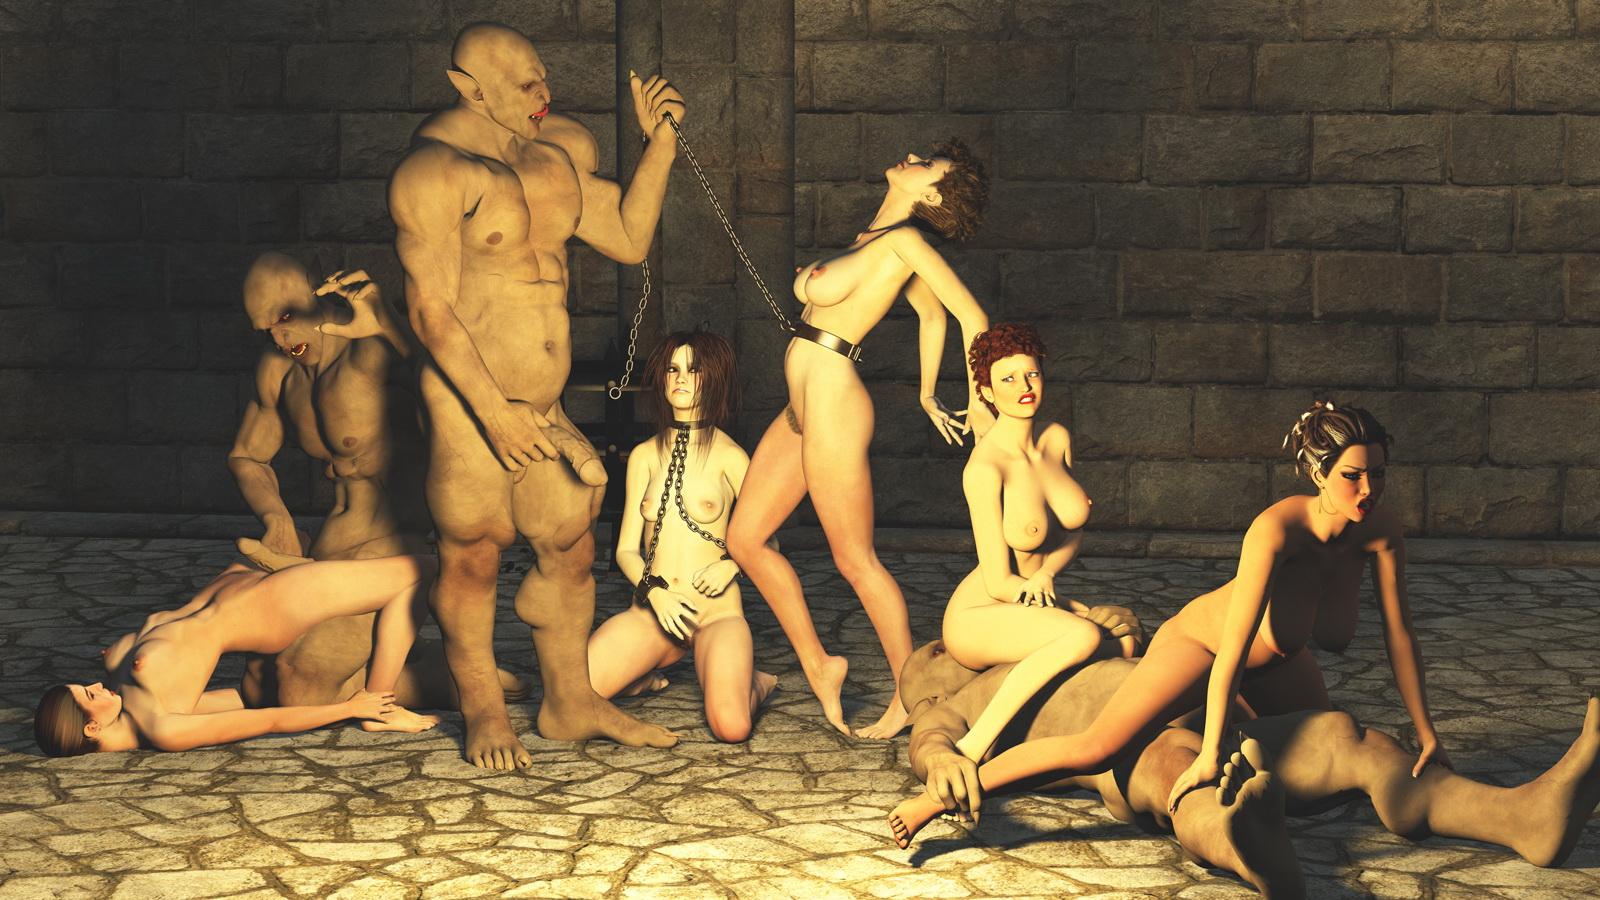 Рынок бдсм рабынь, аукцион рабыньфотографий ВКонтакте 5 фотография